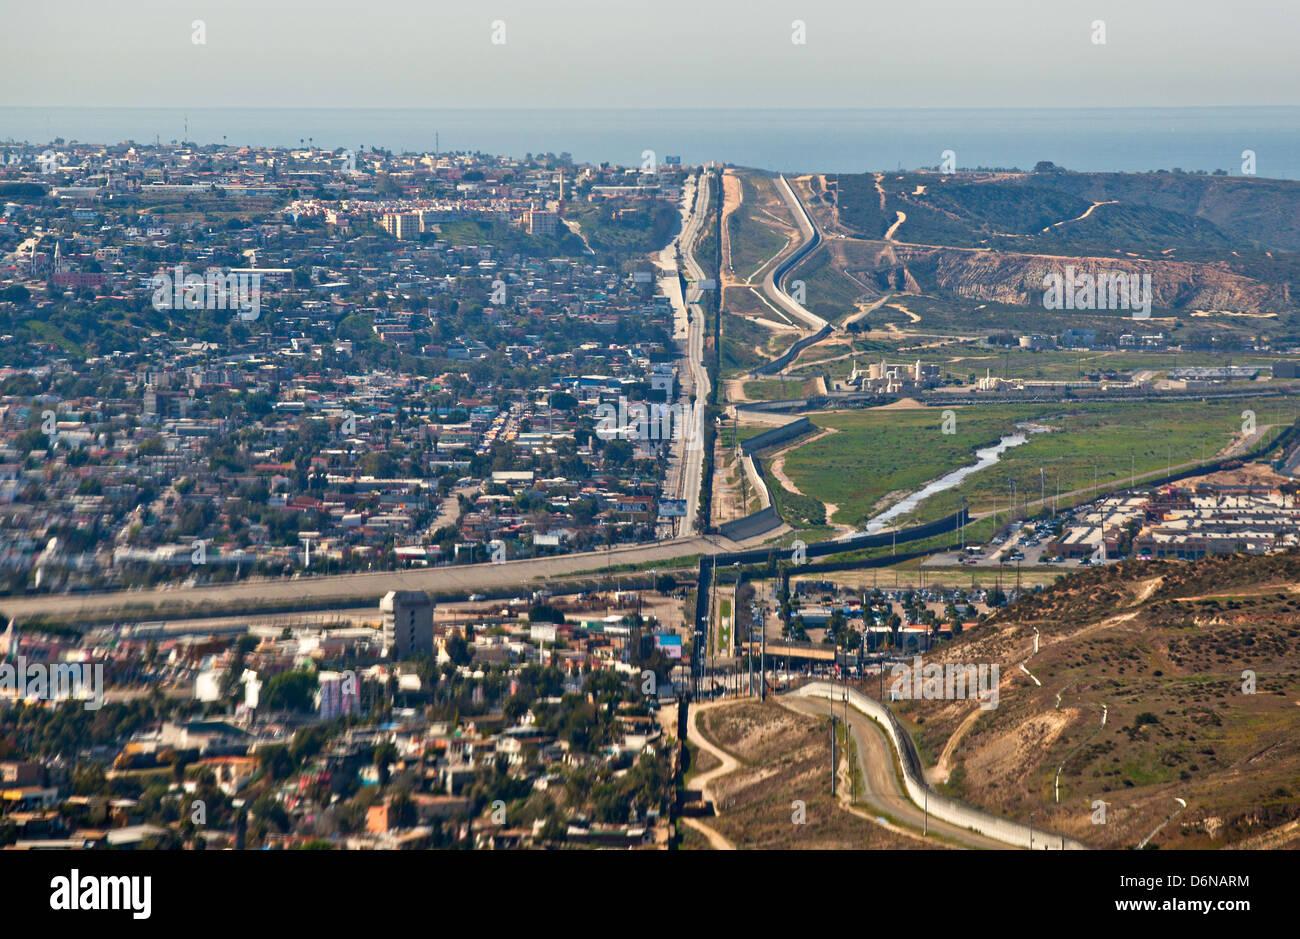 Mexico Usa Border Aerial Stock Photos Mexico Usa Border Aerial - Aerial maps over mexican us border